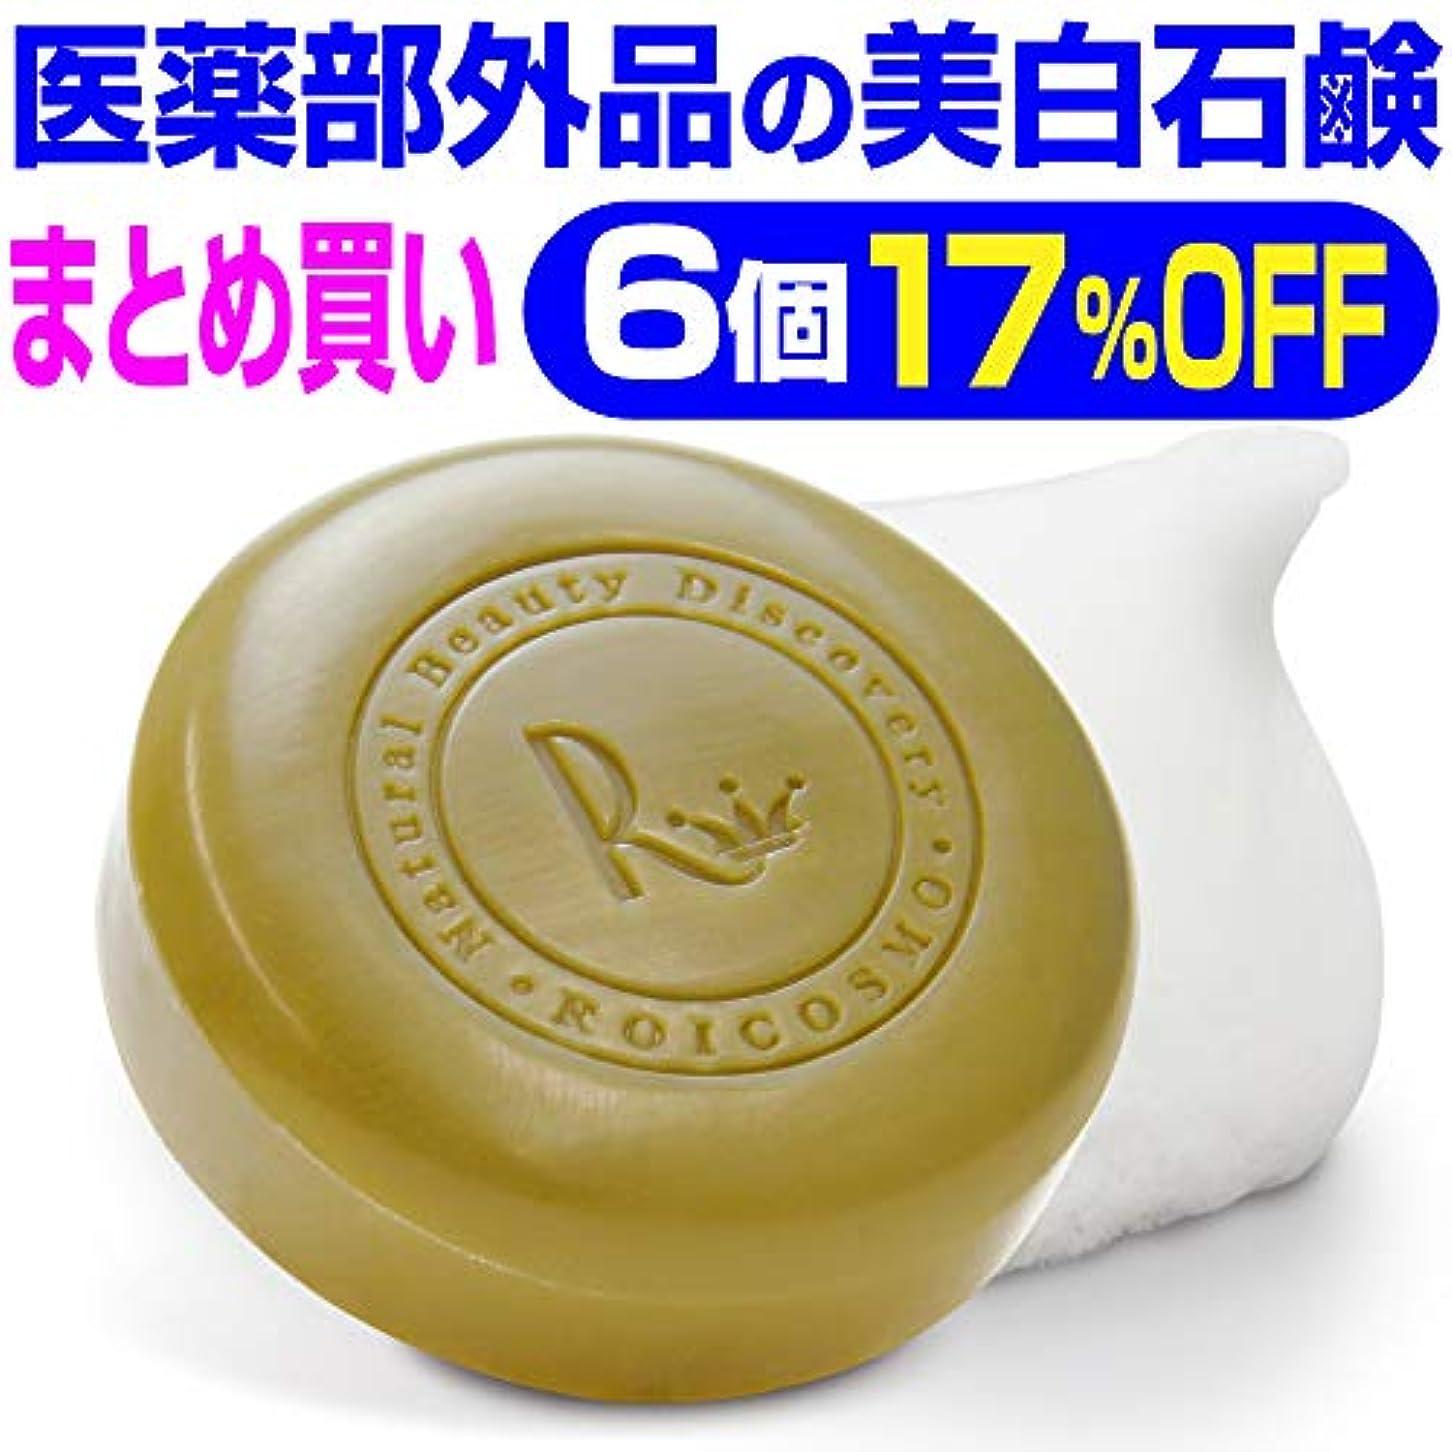 どこでもマリナー体操選手6個まとめ買い17%OFF 美白石鹸/ビタミンC270倍の美白成分配合の 洗顔石鹸『ホワイトソープ100g×6個』